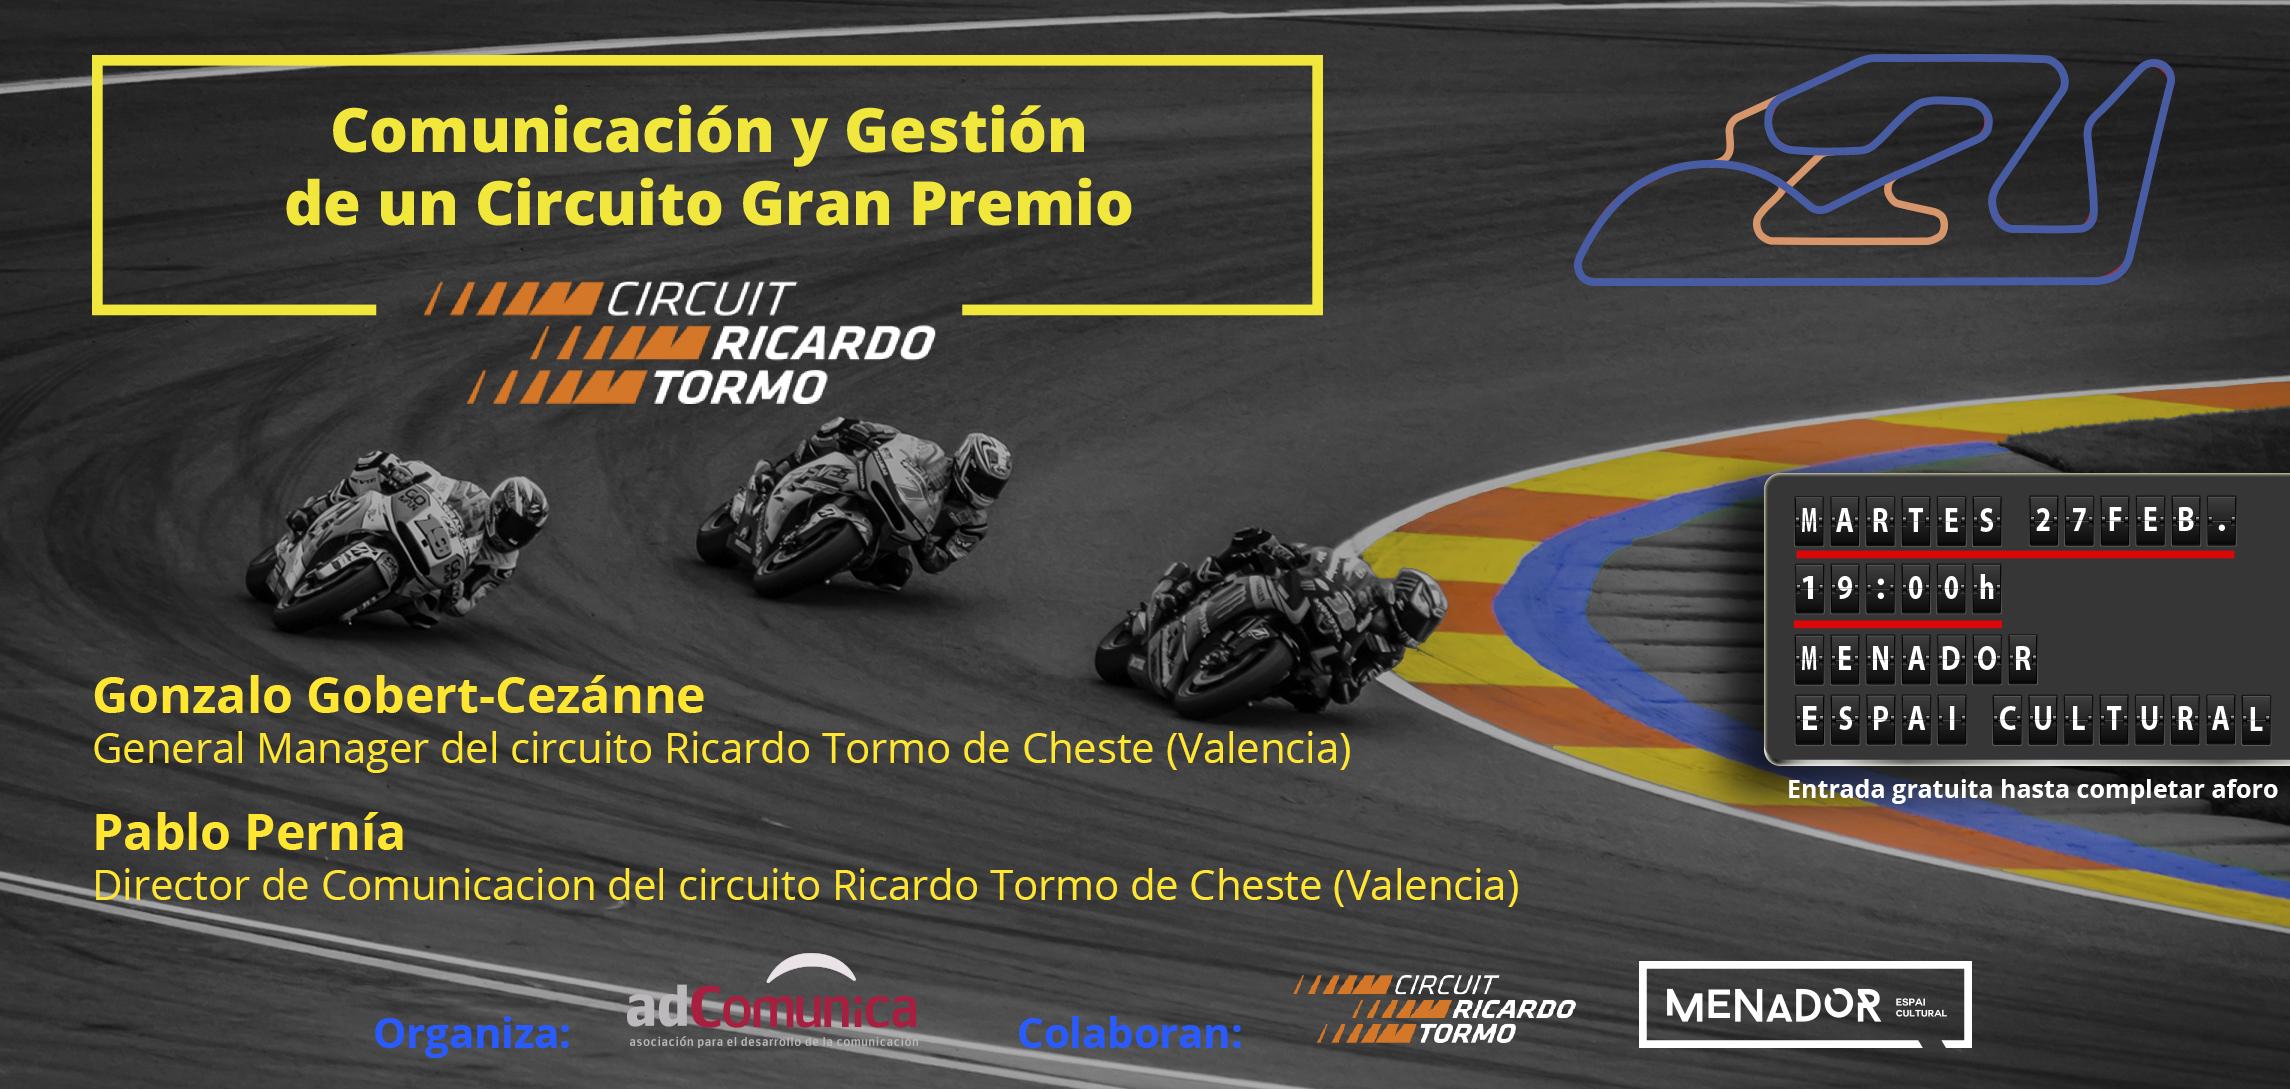 Circuito Ricardo Tormo : Comunicación y gestión de un circuito gran premio circuit